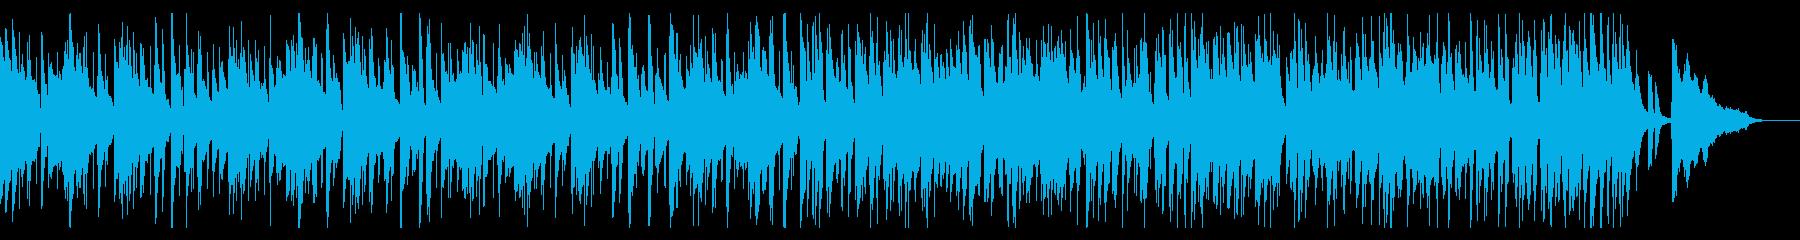 心踊るような優しいJazzPianoの再生済みの波形